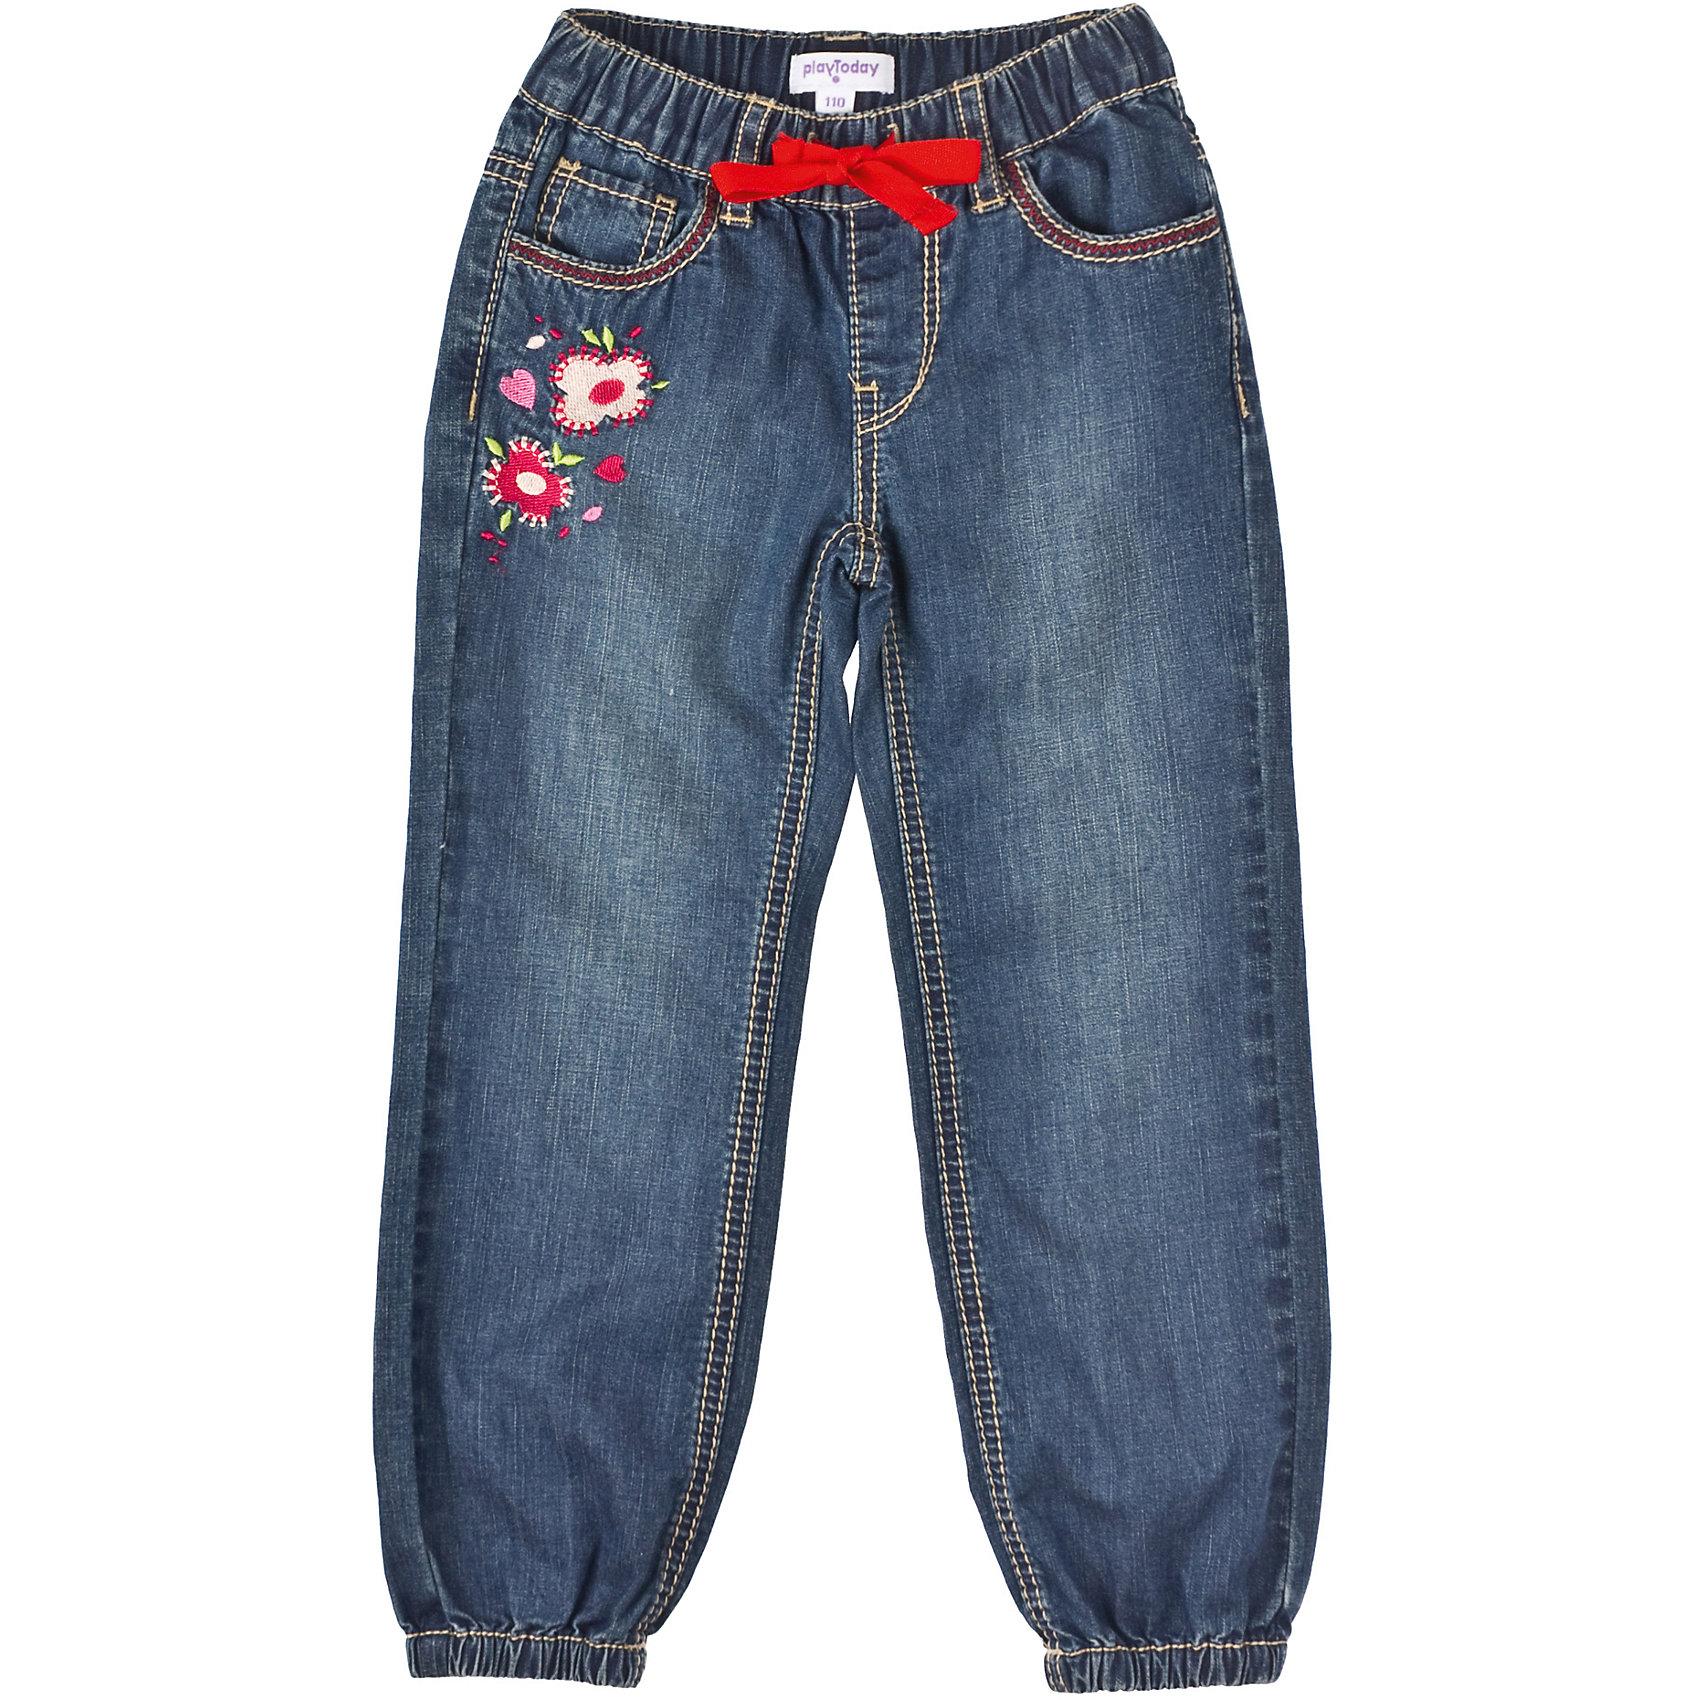 Джинсы для девочки PlayTodayДжинсовая одежда<br>Брюки для девочки PlayToday Джинсовые брюки для девочек. Пояс на резинке, отделан контрасной лентой. Низ штанин на резинках. Брюки декорированы красивой цветочной вышивкой, которая понравится всем девочкам. Состав: 100% хлопок<br><br>Ширина мм: 215<br>Глубина мм: 88<br>Высота мм: 191<br>Вес г: 336<br>Цвет: синий<br>Возраст от месяцев: 24<br>Возраст до месяцев: 36<br>Пол: Женский<br>Возраст: Детский<br>Размер: 98,104,128,122,116,110<br>SKU: 4228807